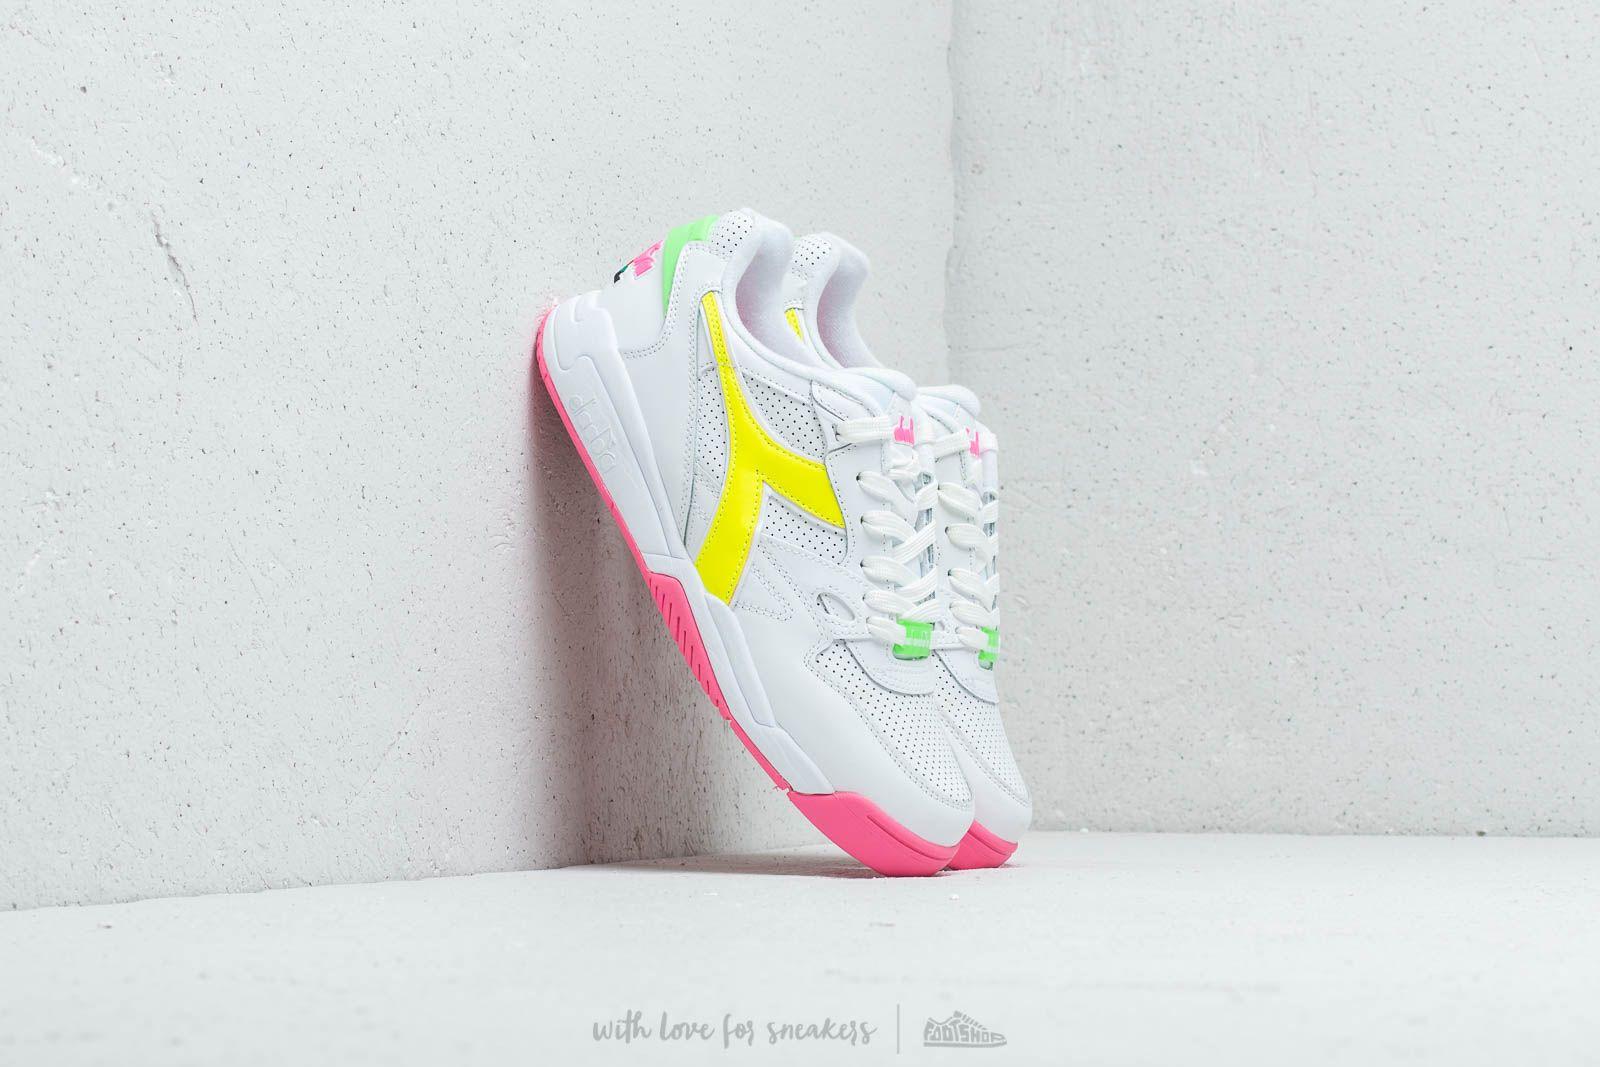 Diadora Rebound Ace Fluo White/ Pink Flulo a prezzo eccezionale 119 € acquistate su Footshop.it